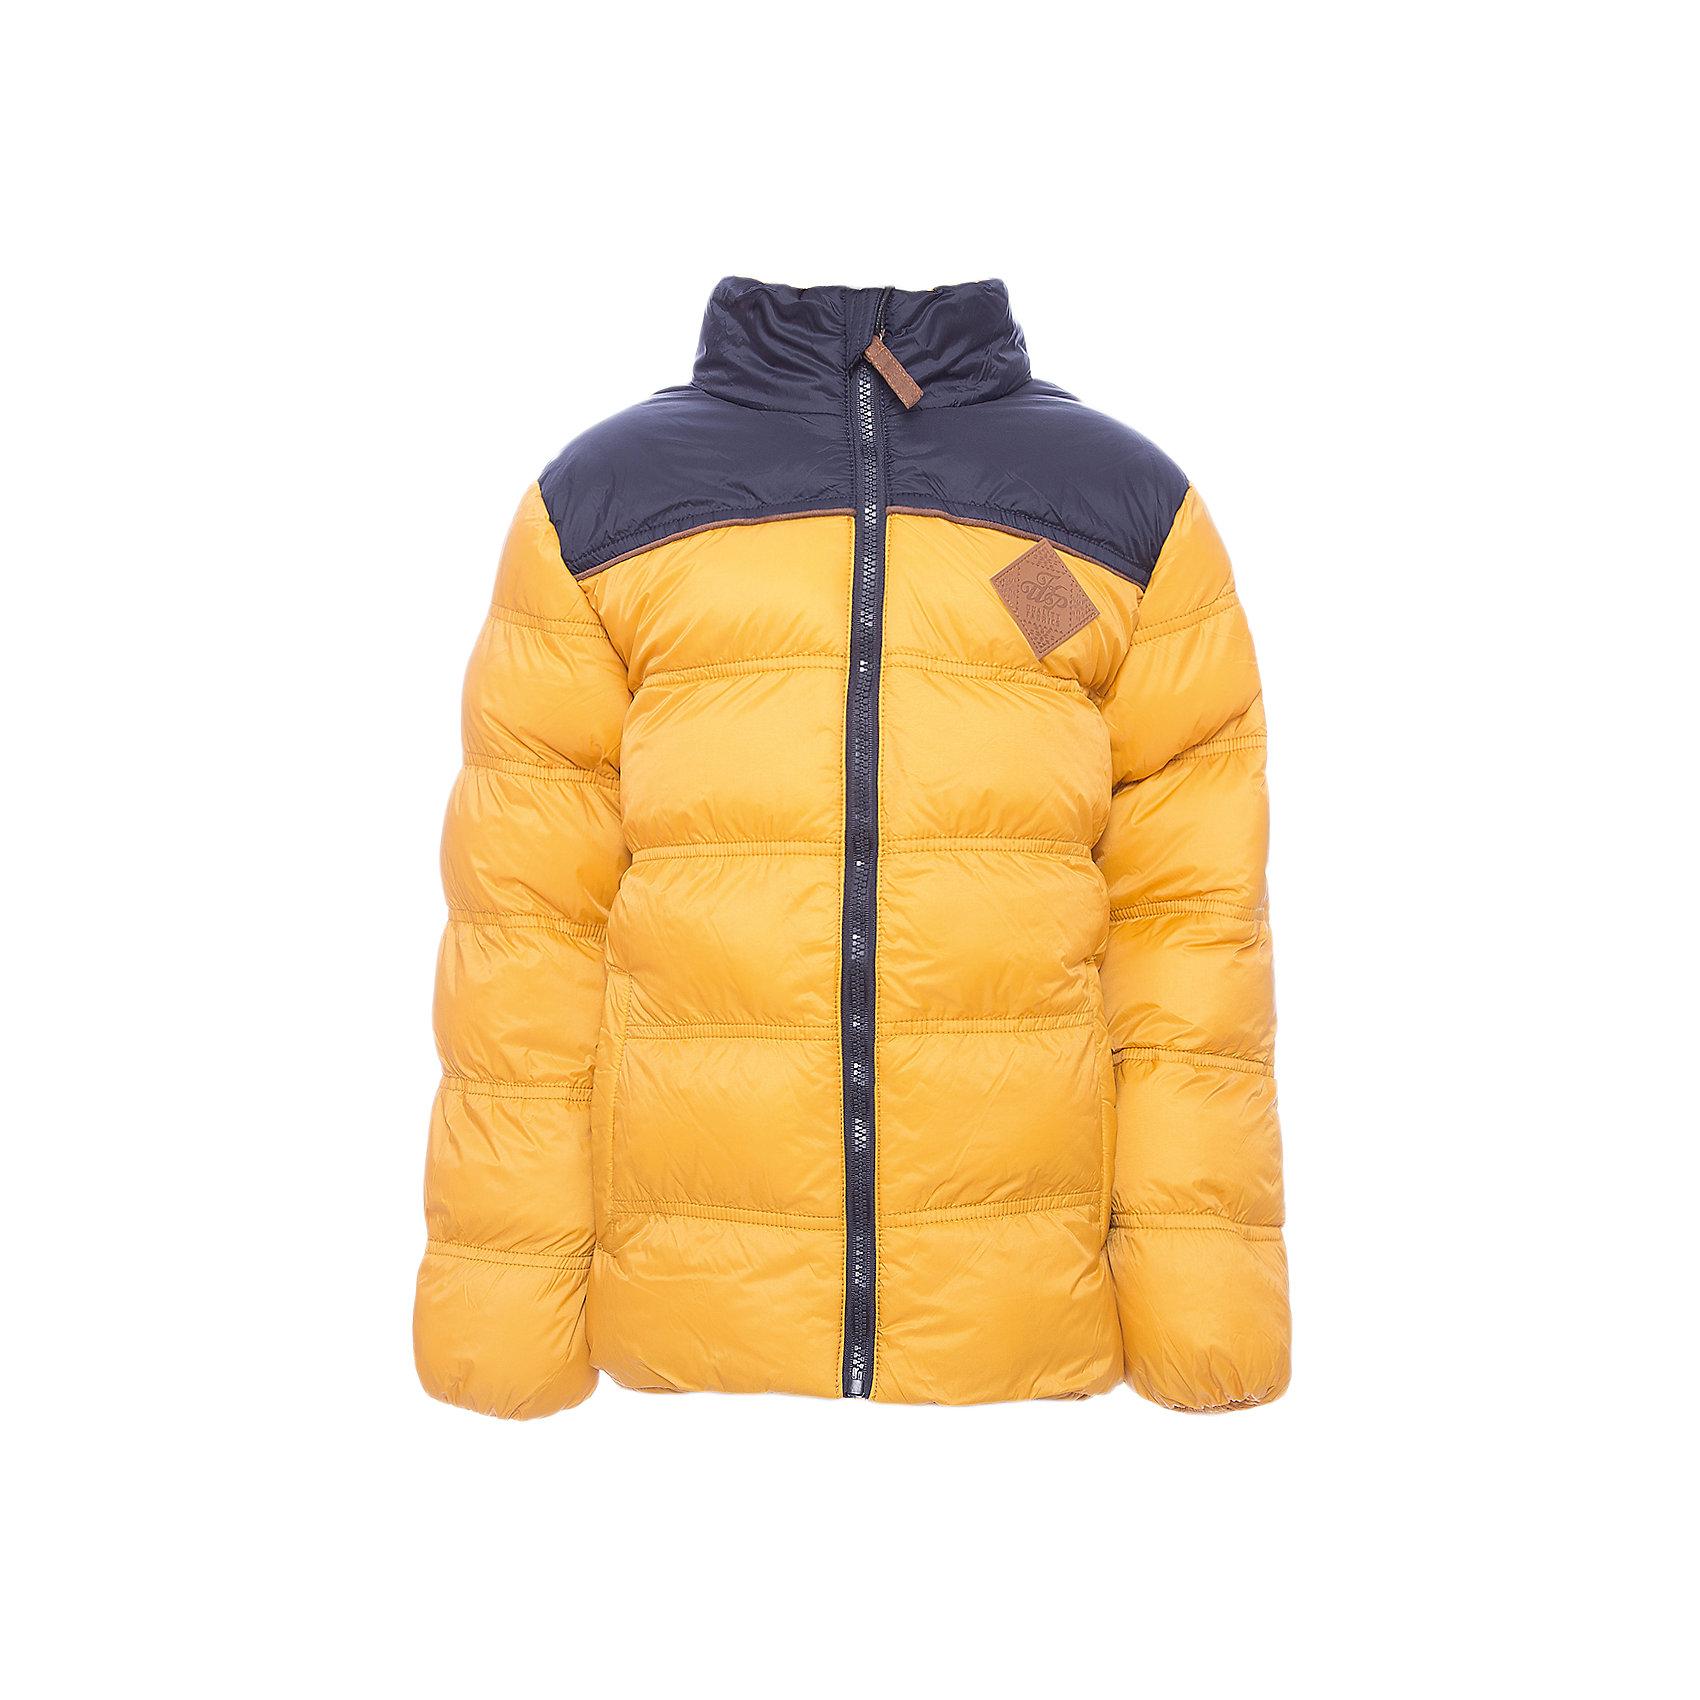 Куртка Luminoso для мальчикаВерхняя одежда<br>Куртка Luminoso для мальчика<br>Куртка для мальчиков утепленная, на флисовой подкладке, выполнена из ткани двух цветов, что отвечает последним тенденциям детской моды. Декорирована с<br>Состав:<br>Верх: 100% нейлон, Подкладка: 100% полиэстер,        Наполнитель: 100% полиэстер<br><br>Ширина мм: 356<br>Глубина мм: 10<br>Высота мм: 245<br>Вес г: 519<br>Цвет: желтый<br>Возраст от месяцев: 156<br>Возраст до месяцев: 168<br>Пол: Мужской<br>Возраст: Детский<br>Размер: 164,134,140,146,152,158<br>SKU: 7095284